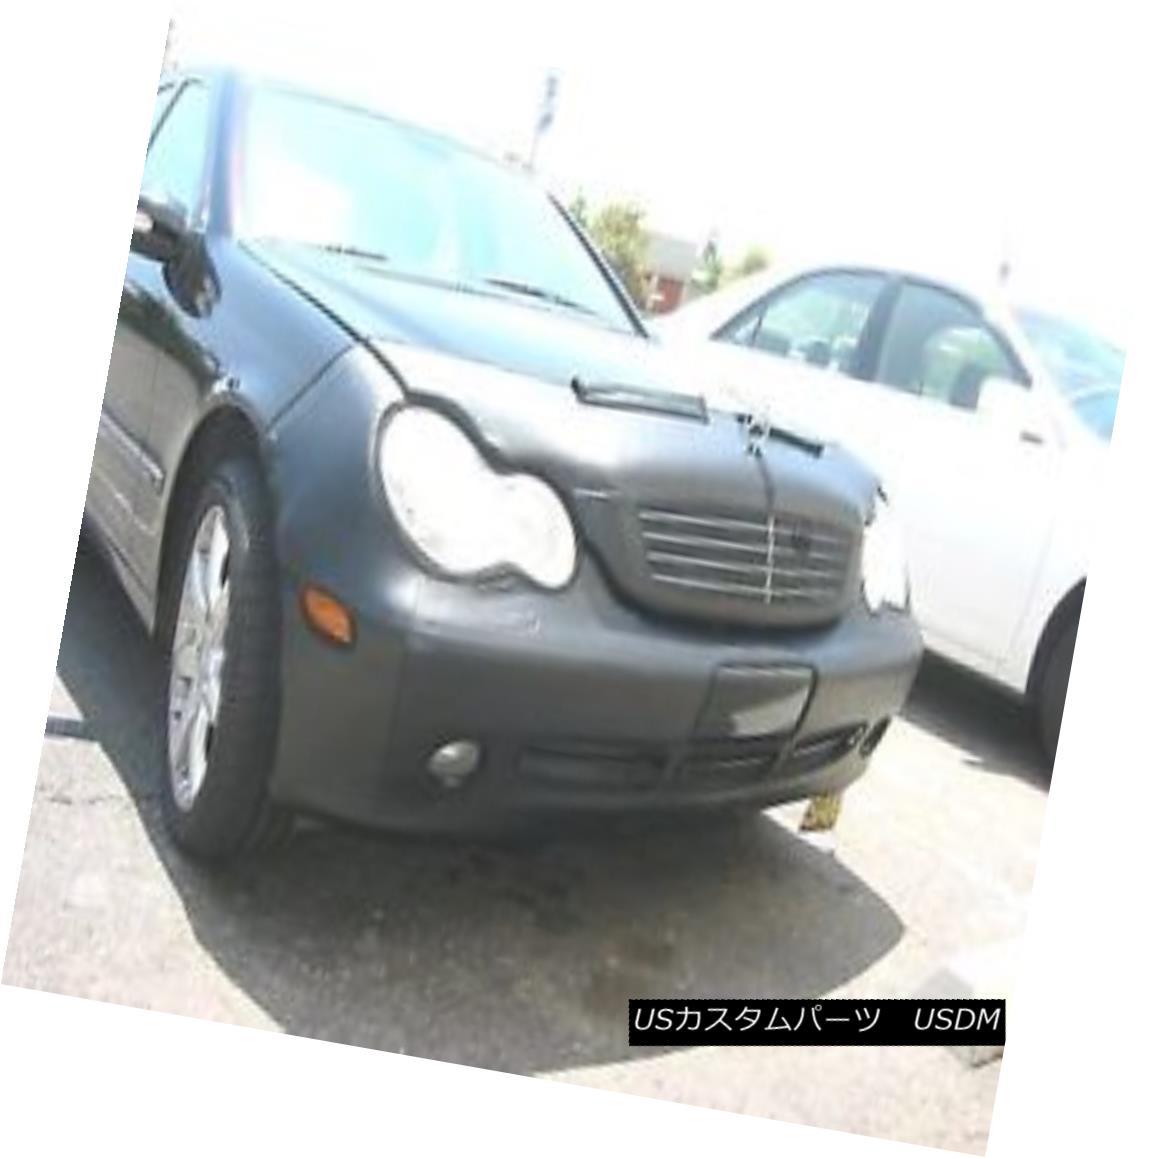 フルブラ ノーズブラ Colgan Front End Mask Bra 2pc. Fits Mercedes-Benz C230 Sedn 02-04 W/O Tag W/wash コルガンフロントエンドマスクブラ2pc メルセデスベンツC230 Sednに適合02/04 W / OタグW /ウォッシュ